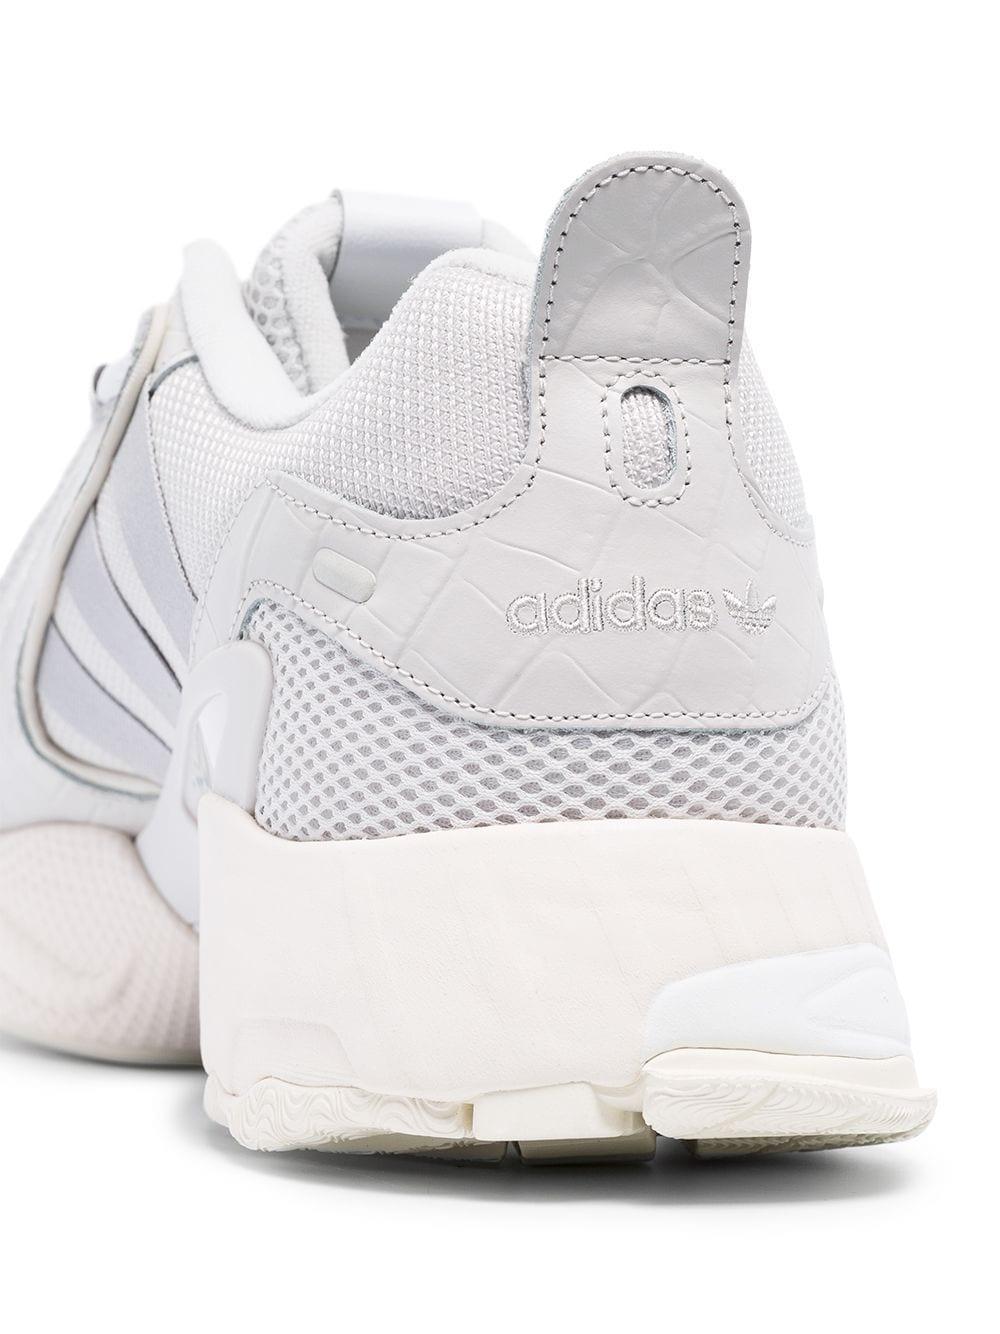 Zapatillas EQT Gazelle adidas de Tejido sintético de color Gris para hombre